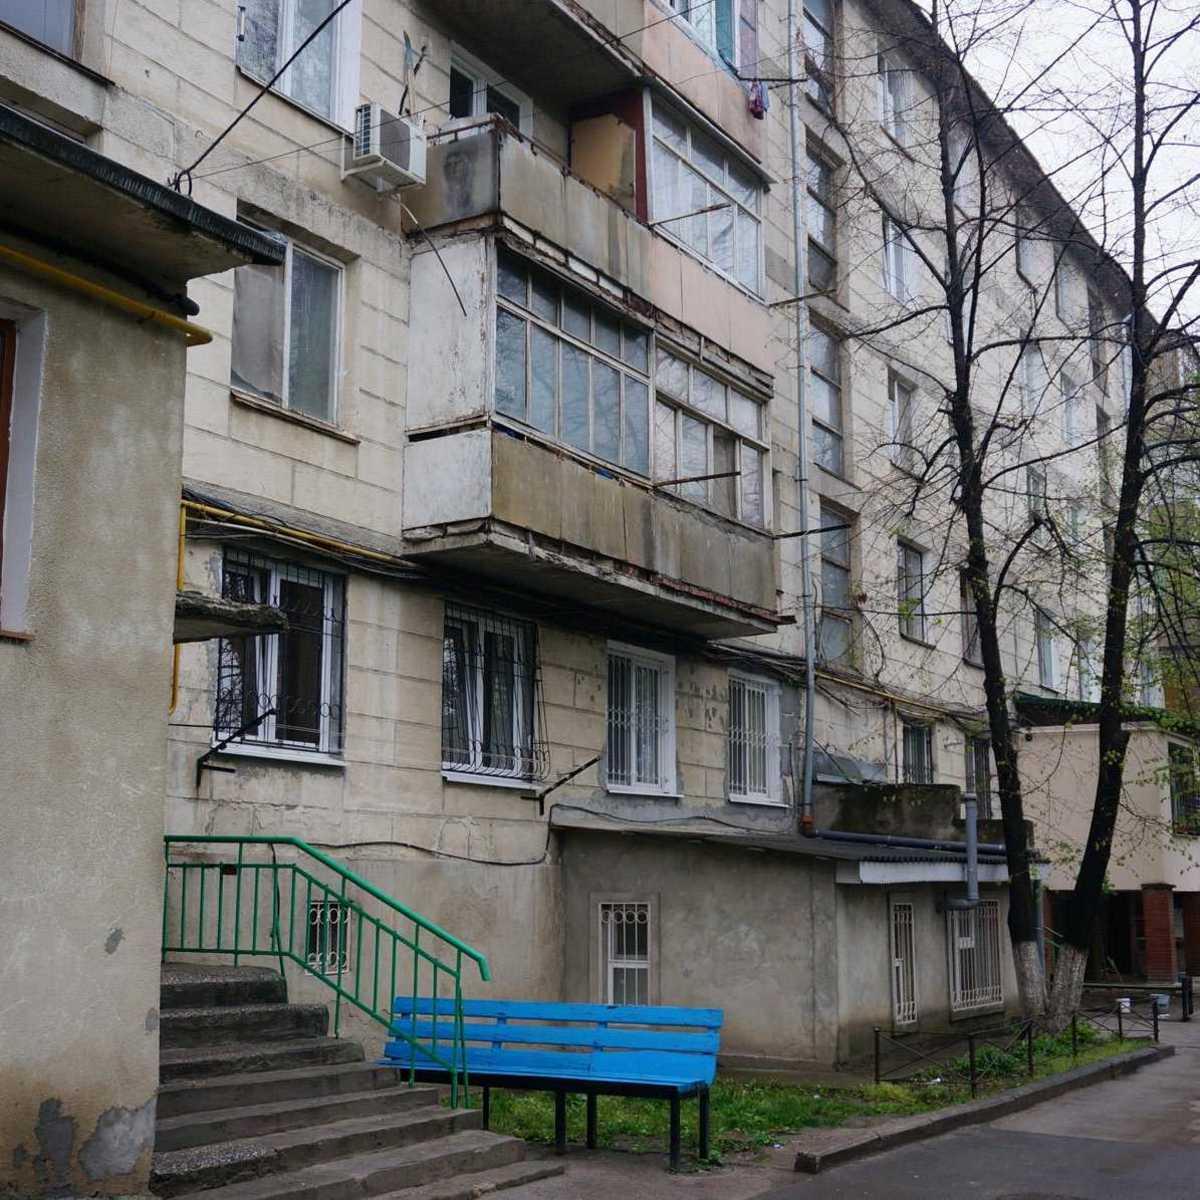 Straßenbild in Chisinau ist geprägt von Armut